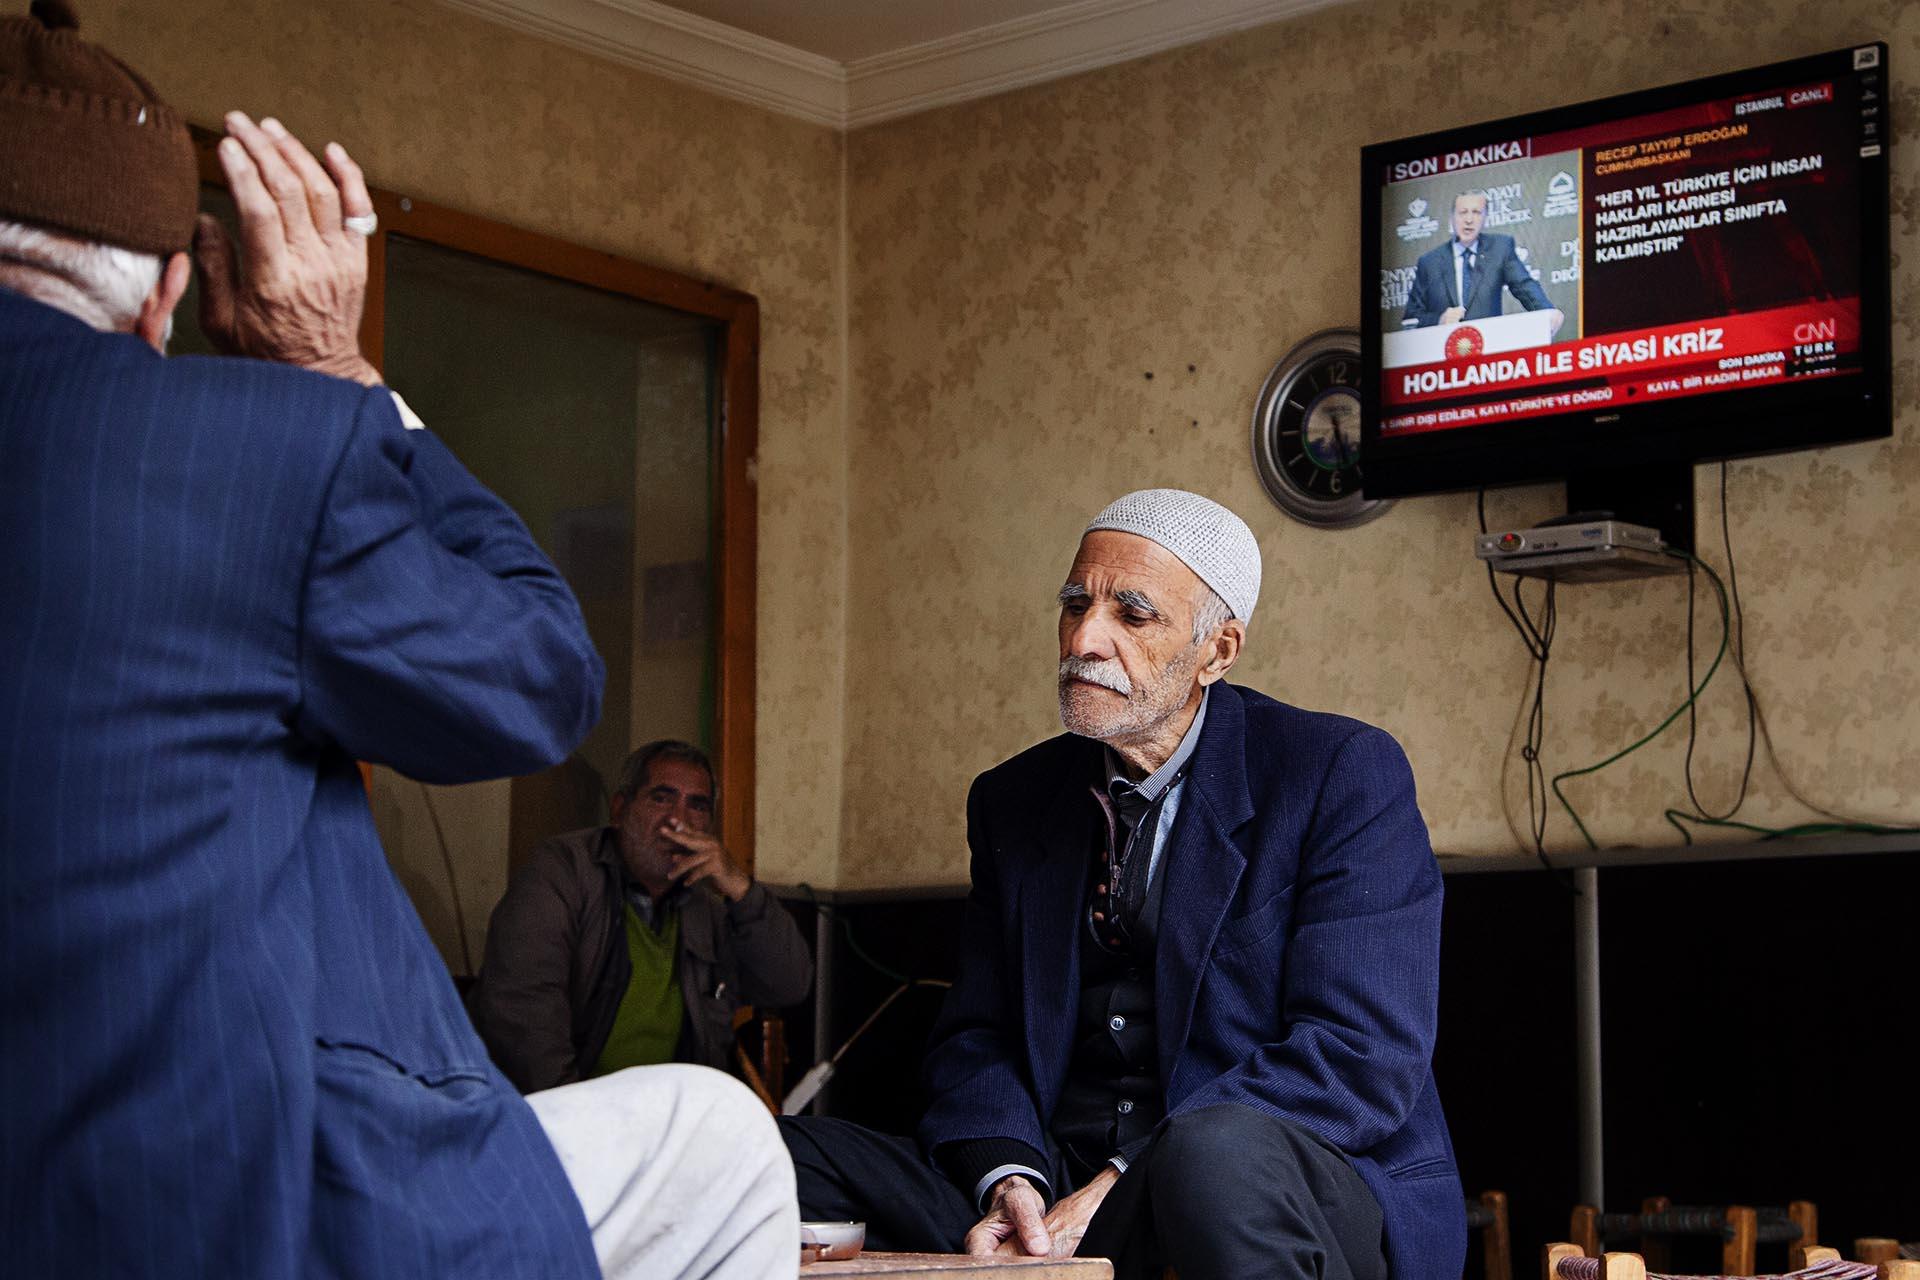 Los conflictos entre Erdogan y la UE son vistos en Bakur como movimientos electoralistas.